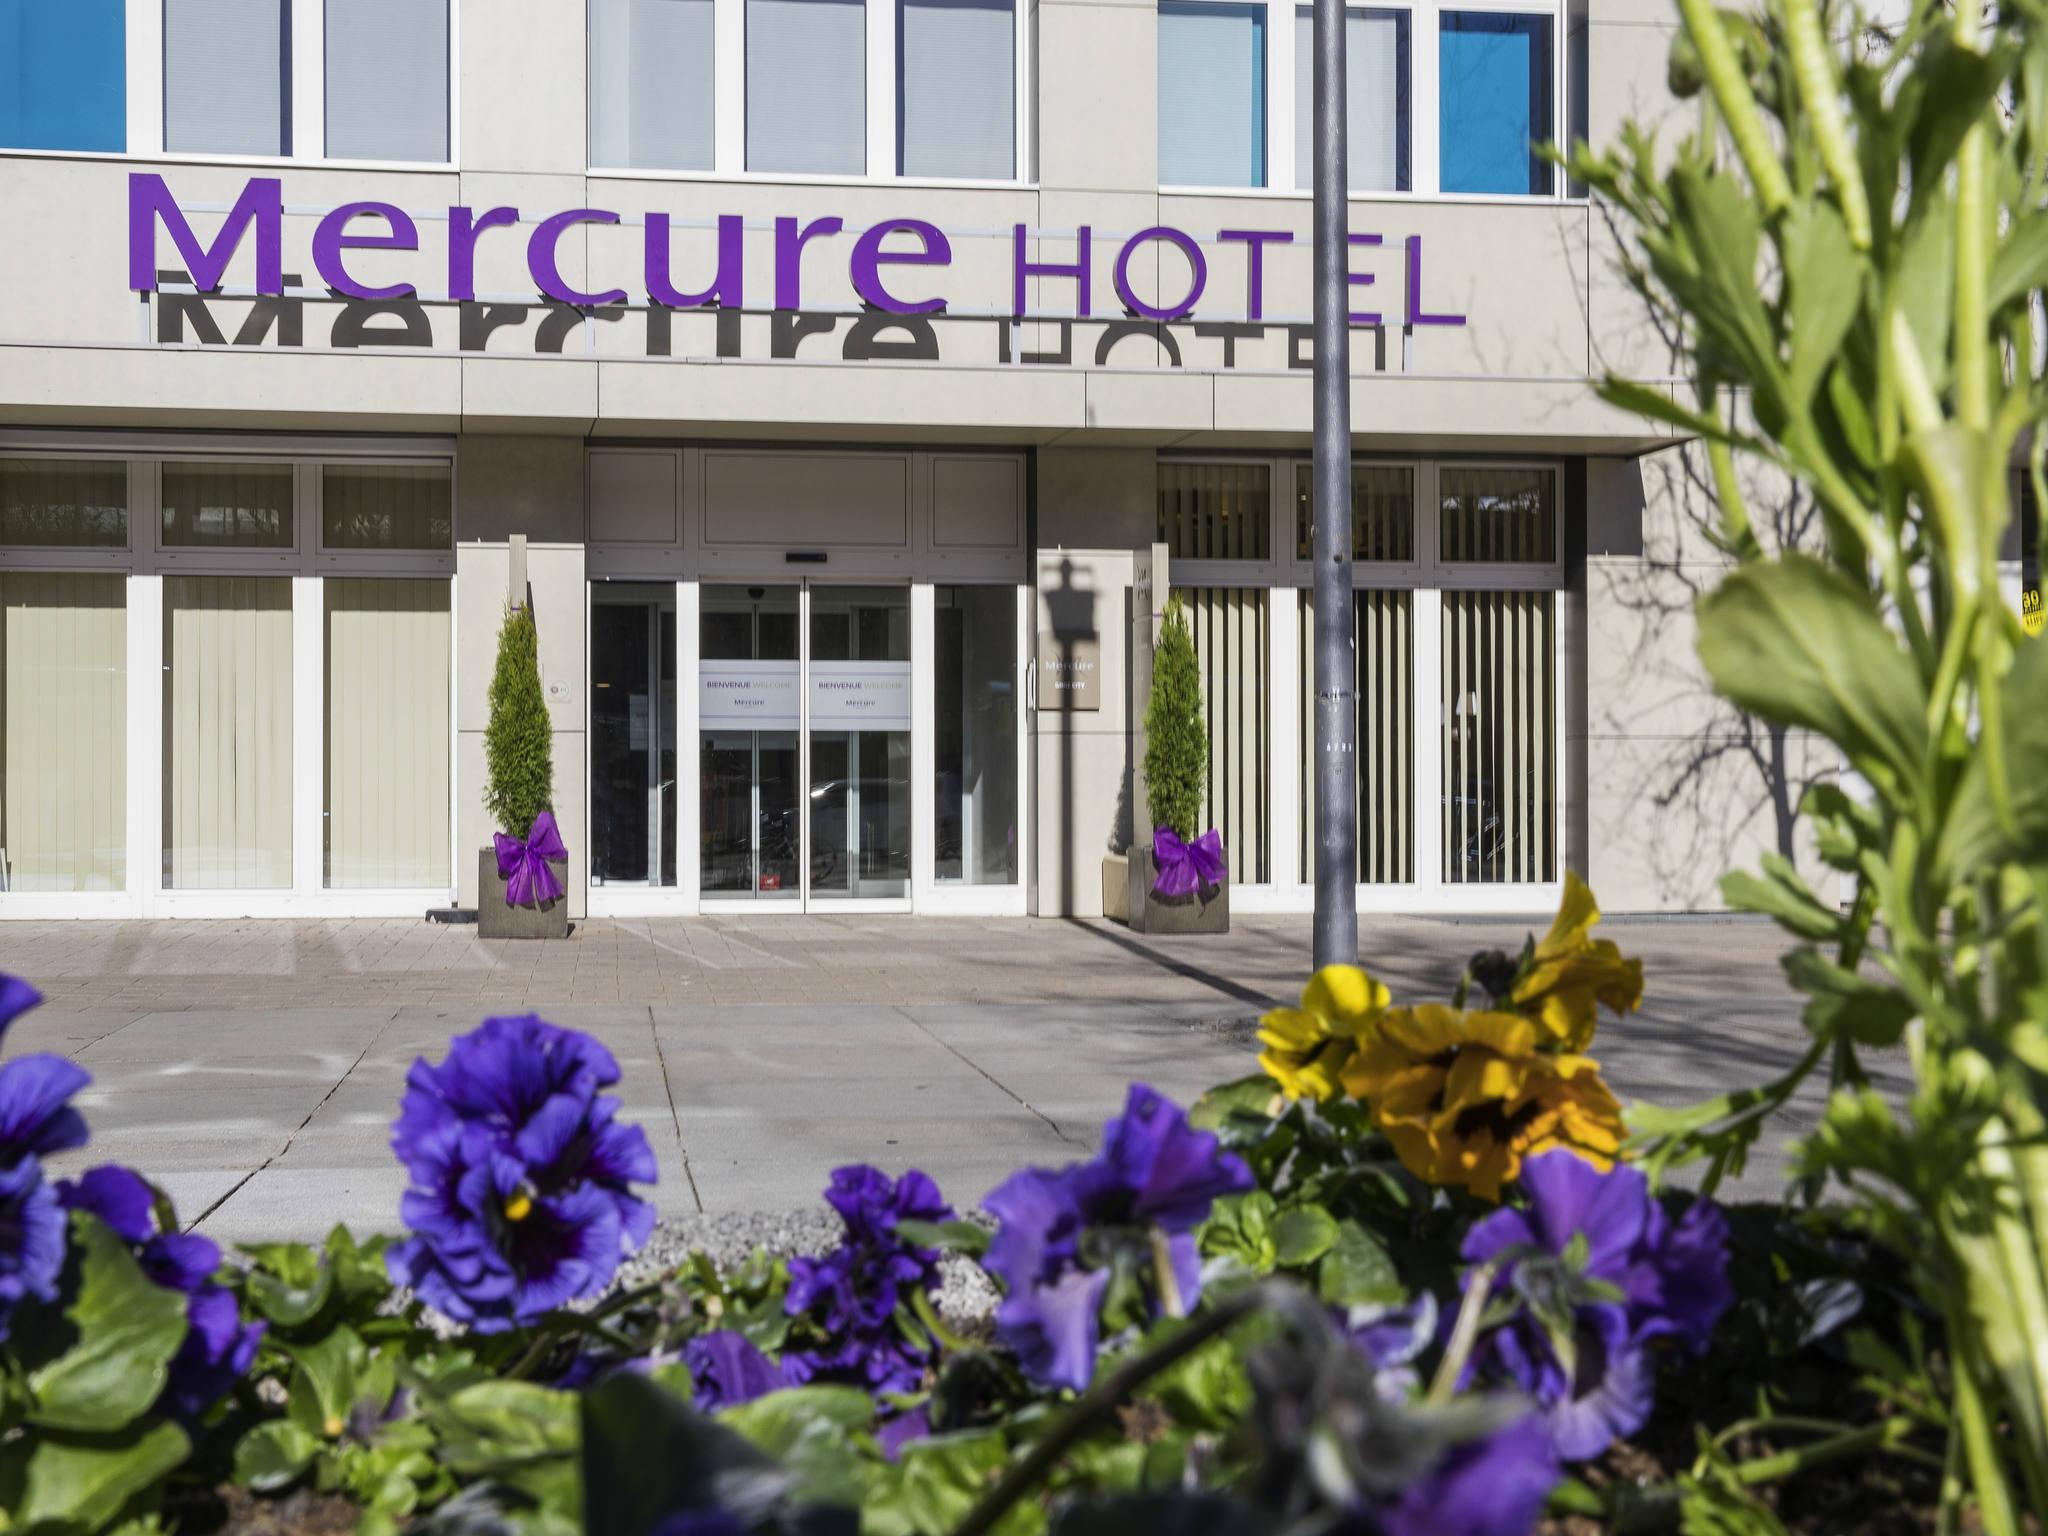 Mercure Hotel Graz Austria